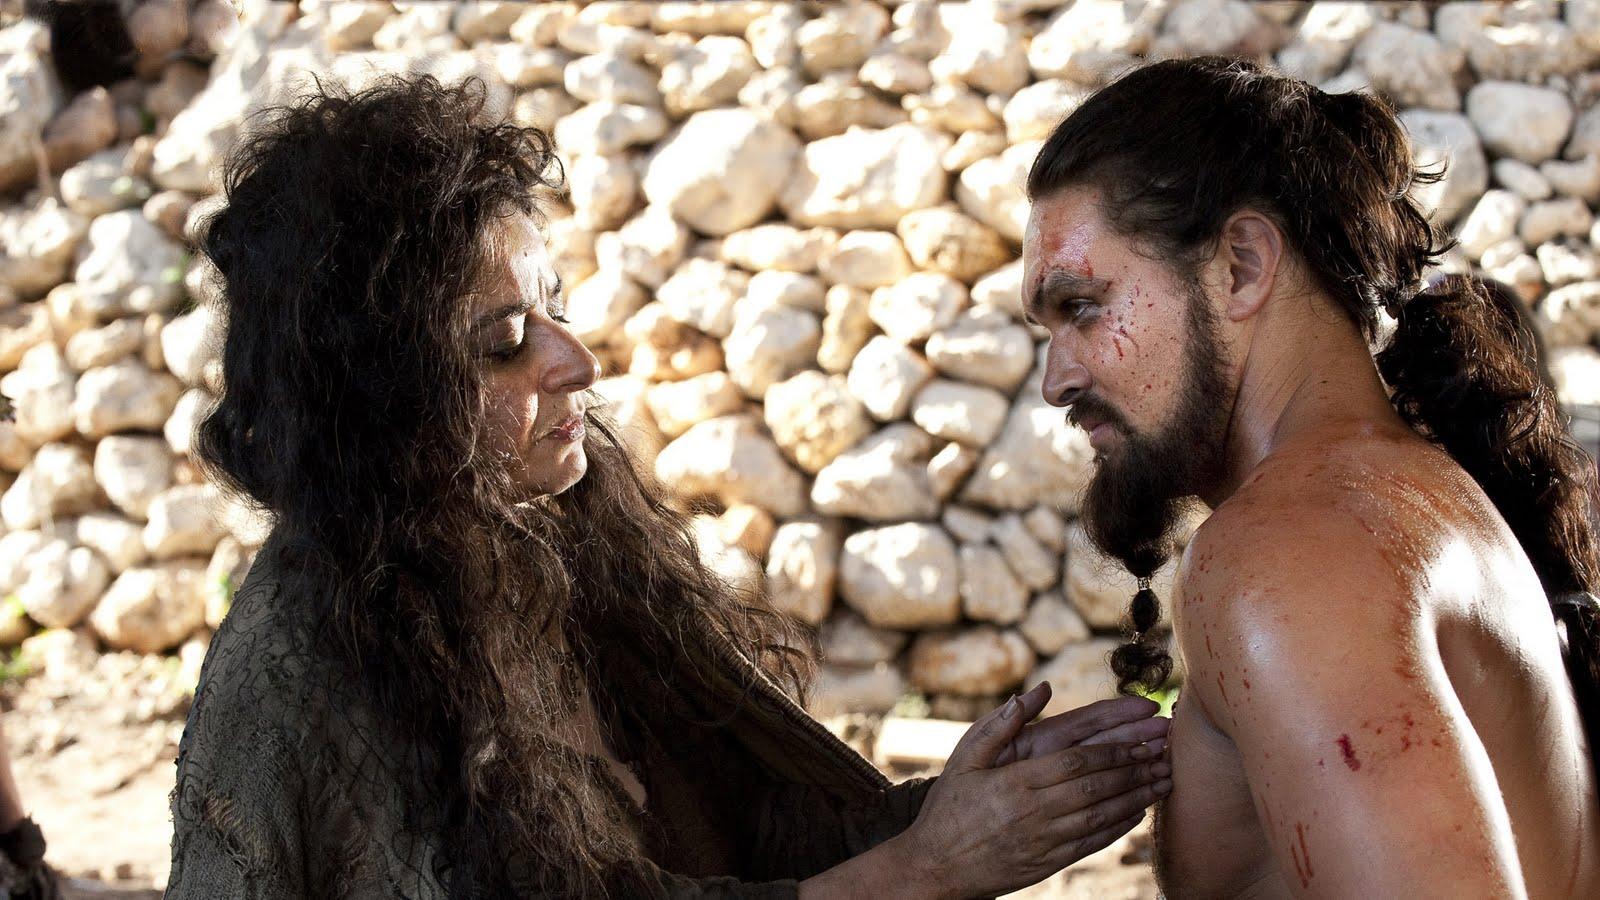 Mirri Maz Duur and Khal Drogo